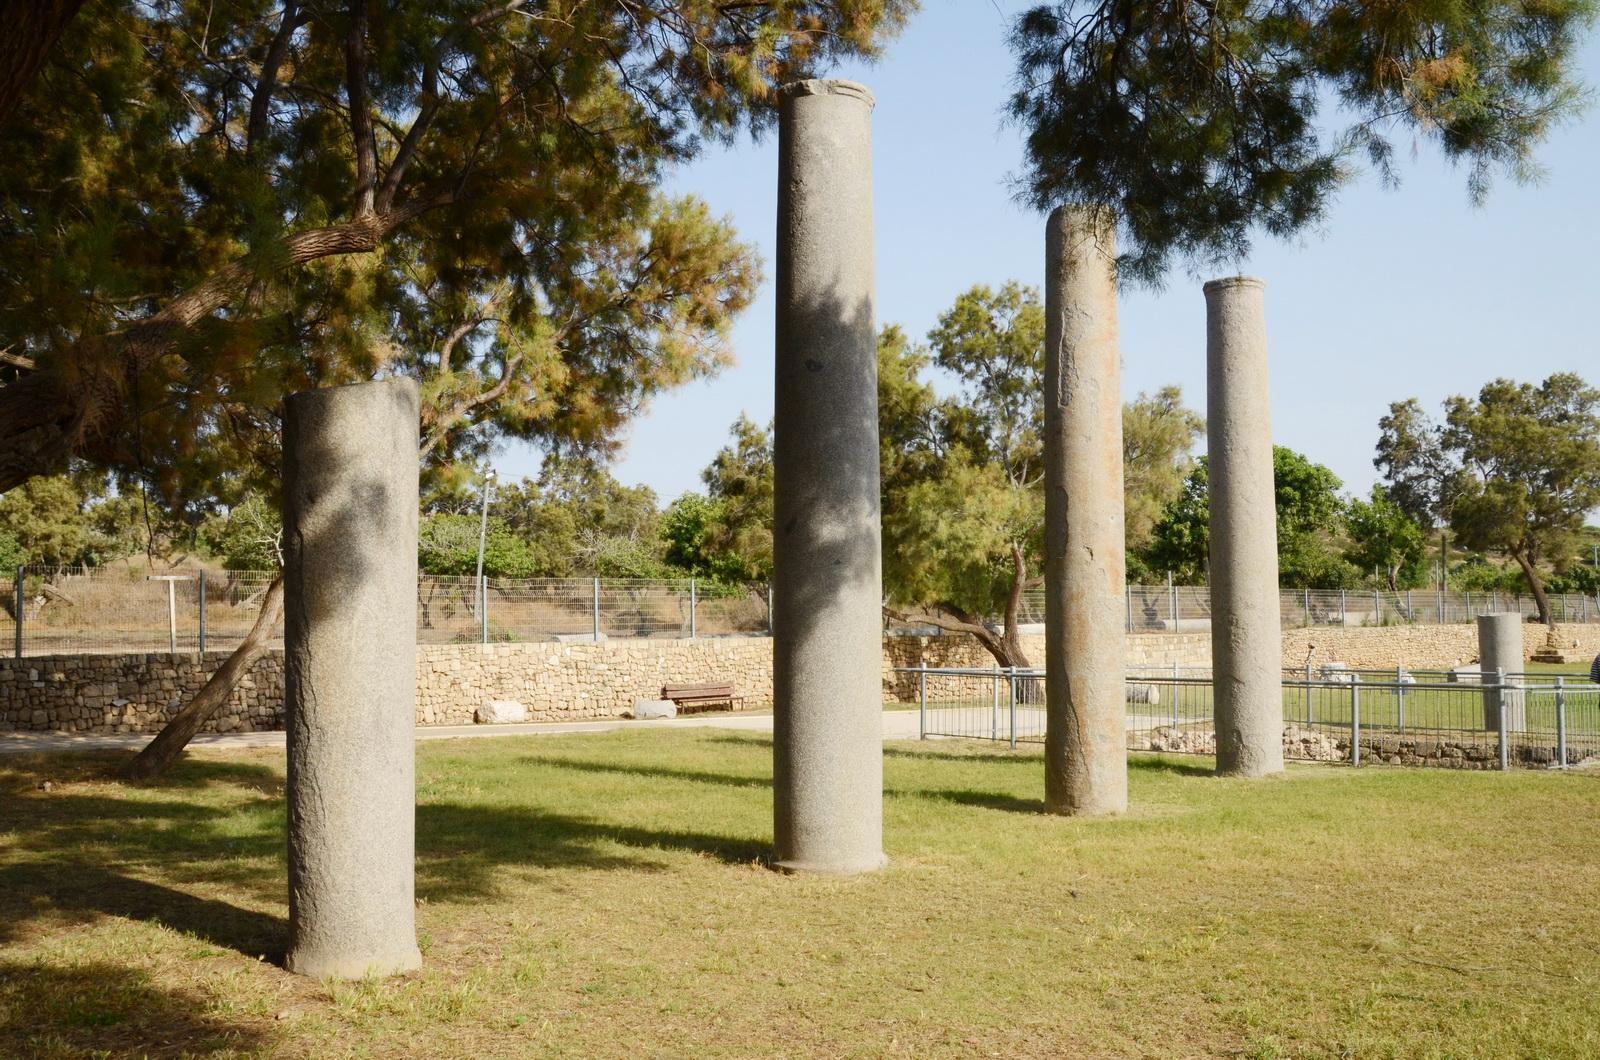 אשקלון - הגן הארכיאולוגי